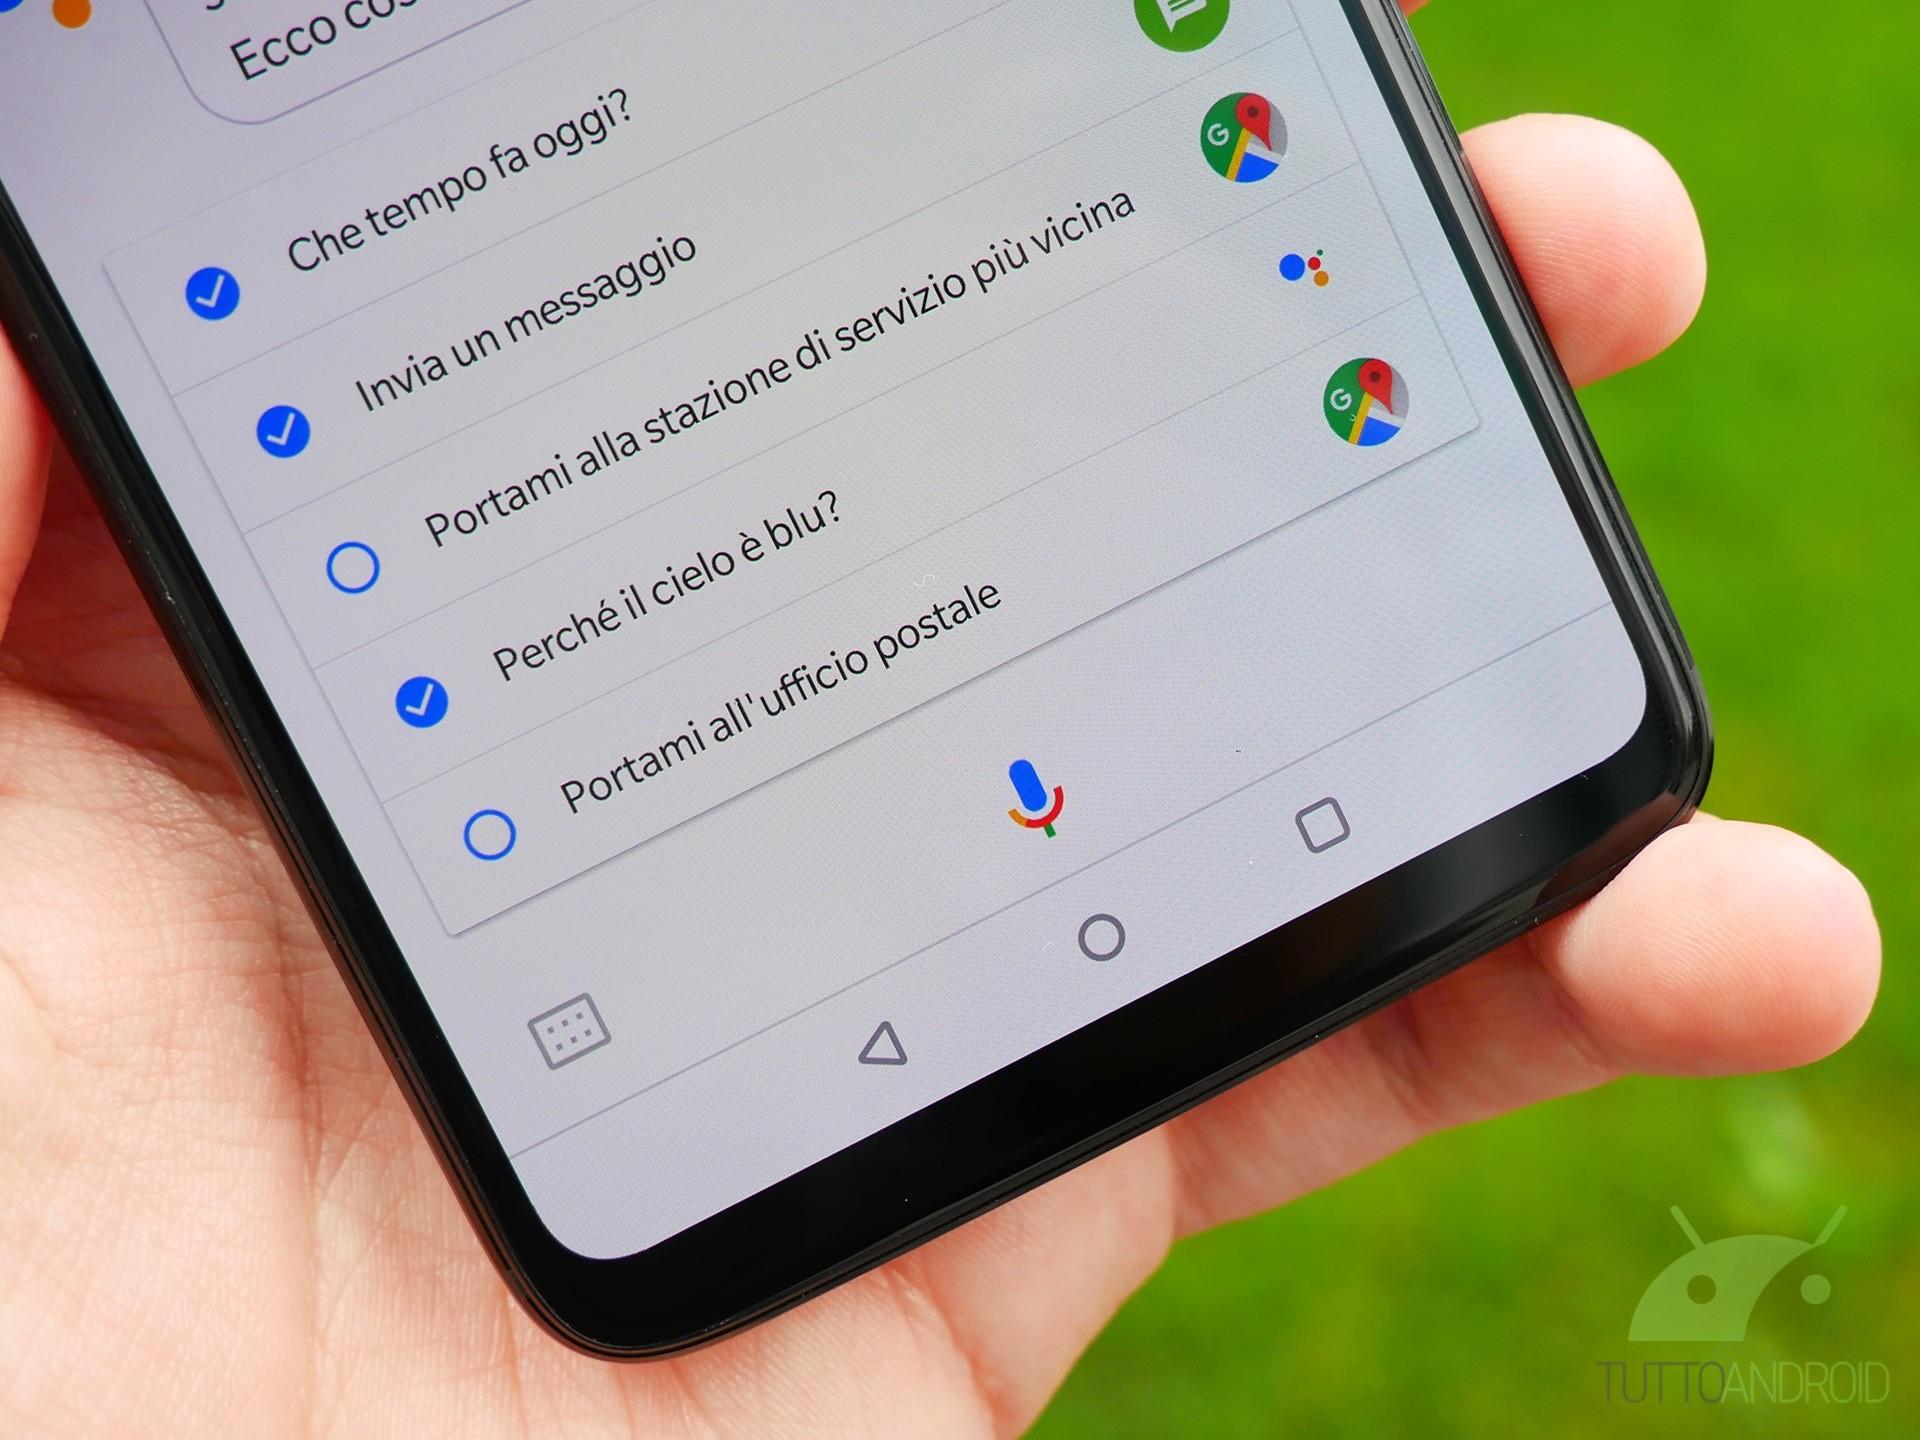 Il nuovo Google Assistant promette bene con nuove funzionali